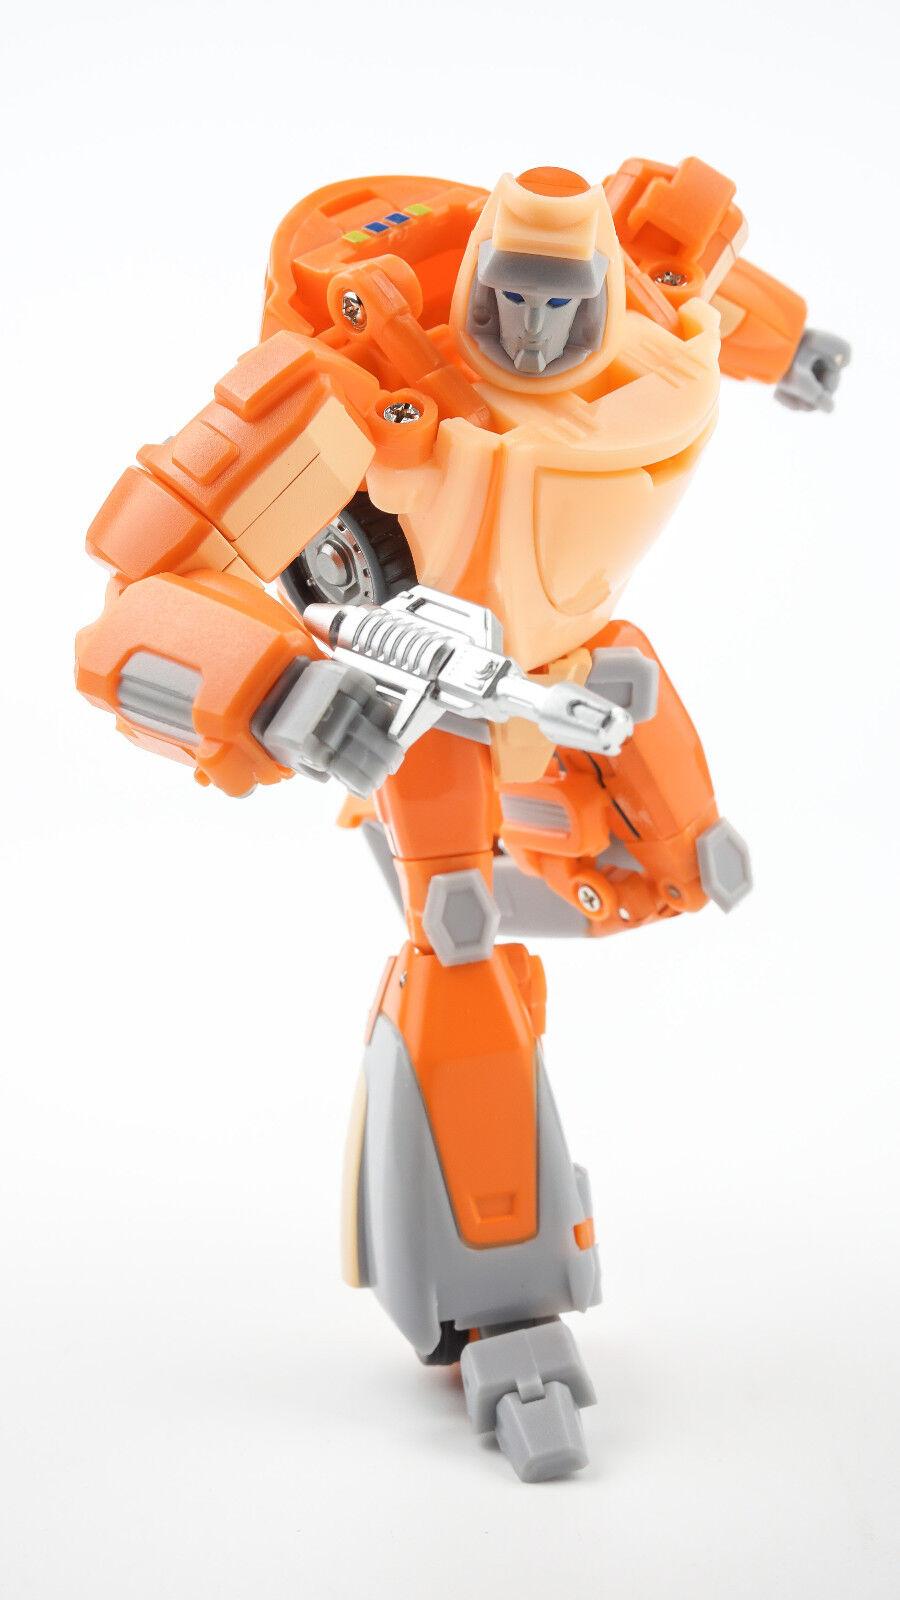 nuovo Xtransbots Transformers mmIV  Ollie PISTOLE MITRAGLIATRICI impennata cifra in magazzino